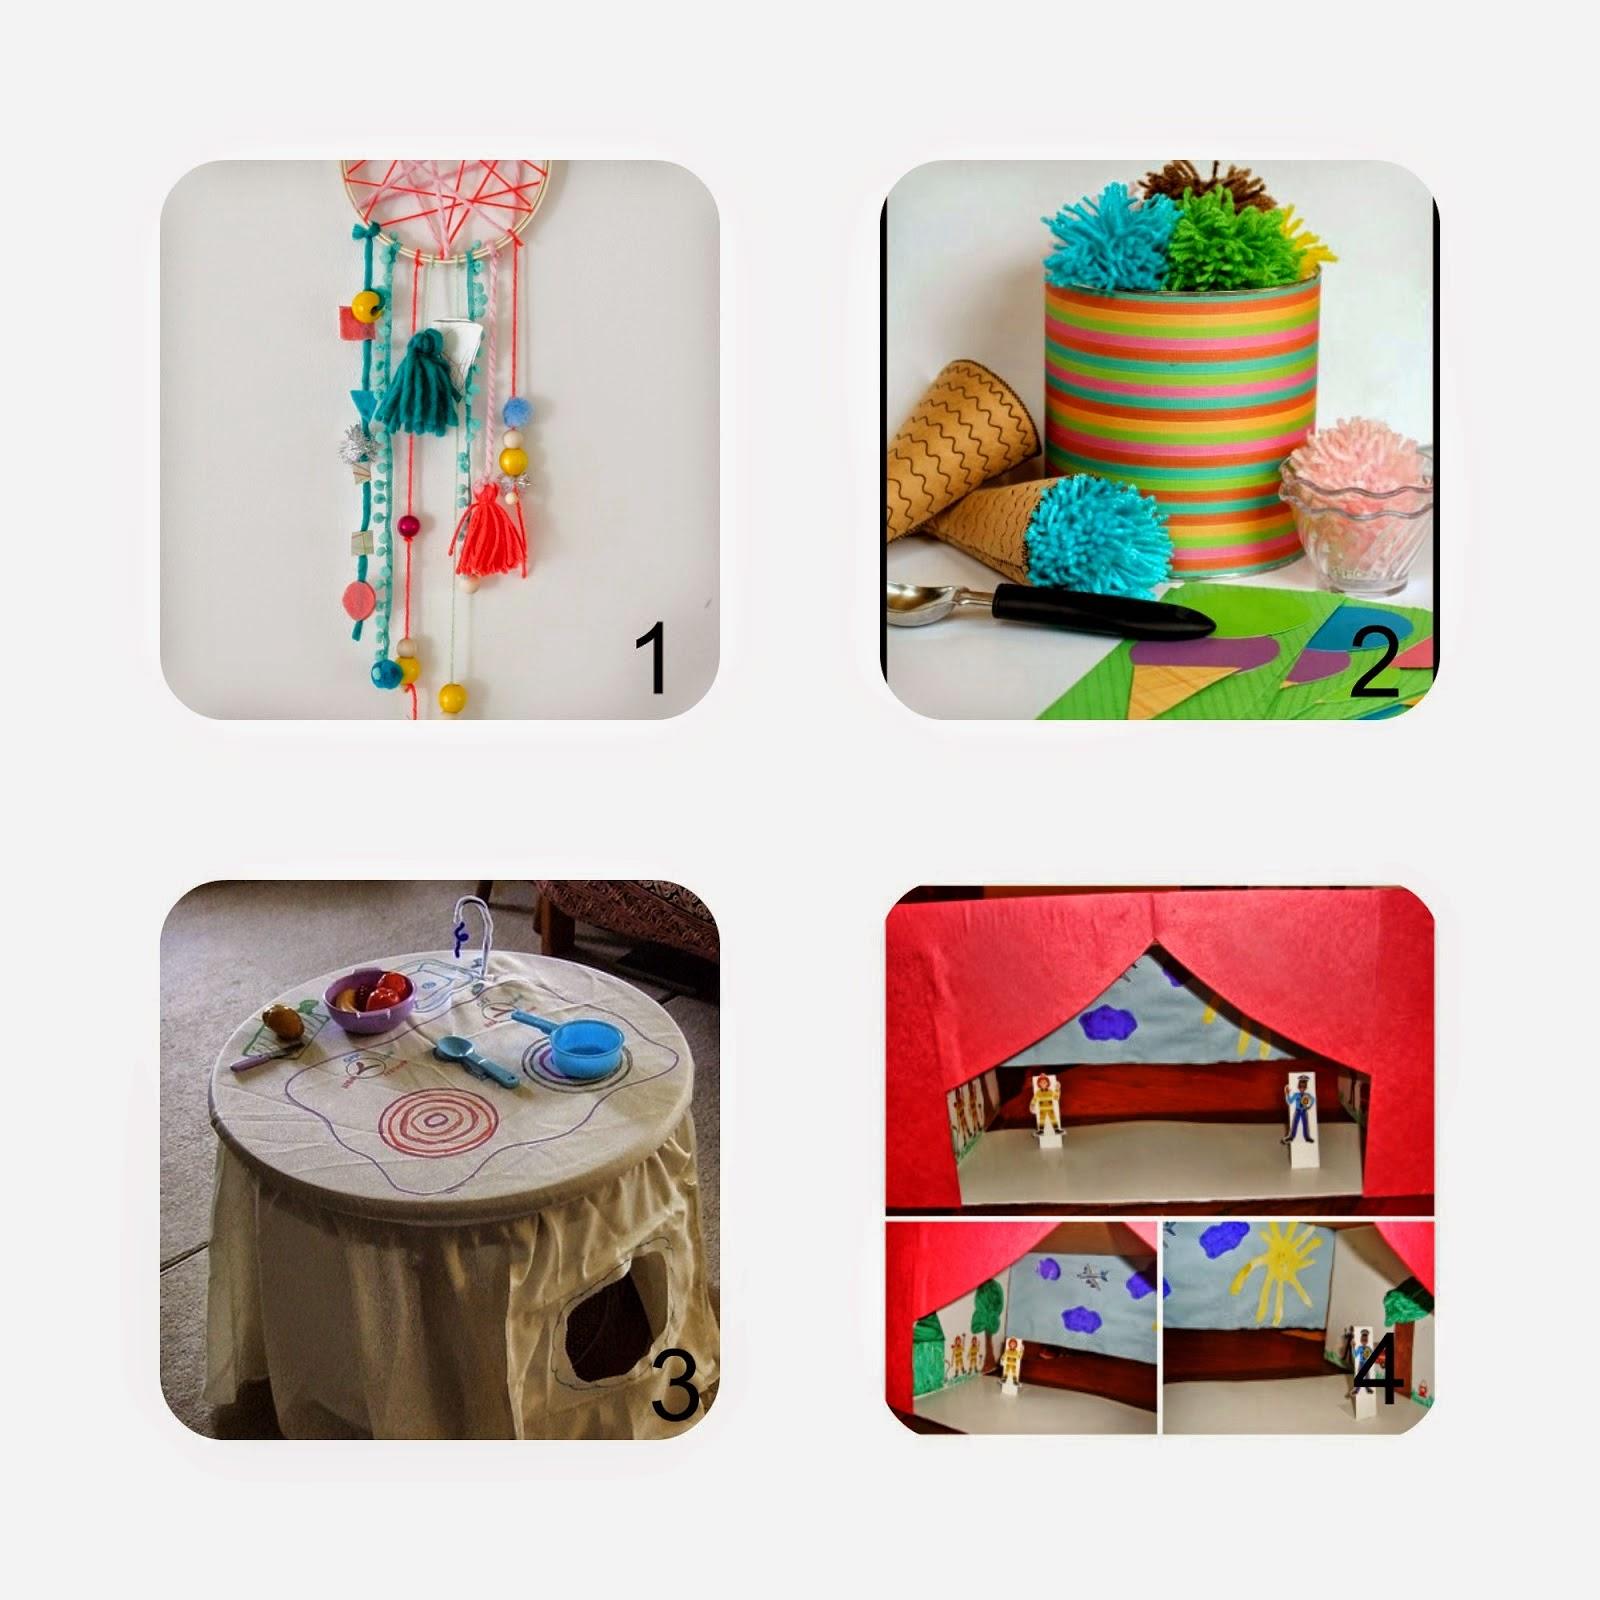 Giochi di creare case